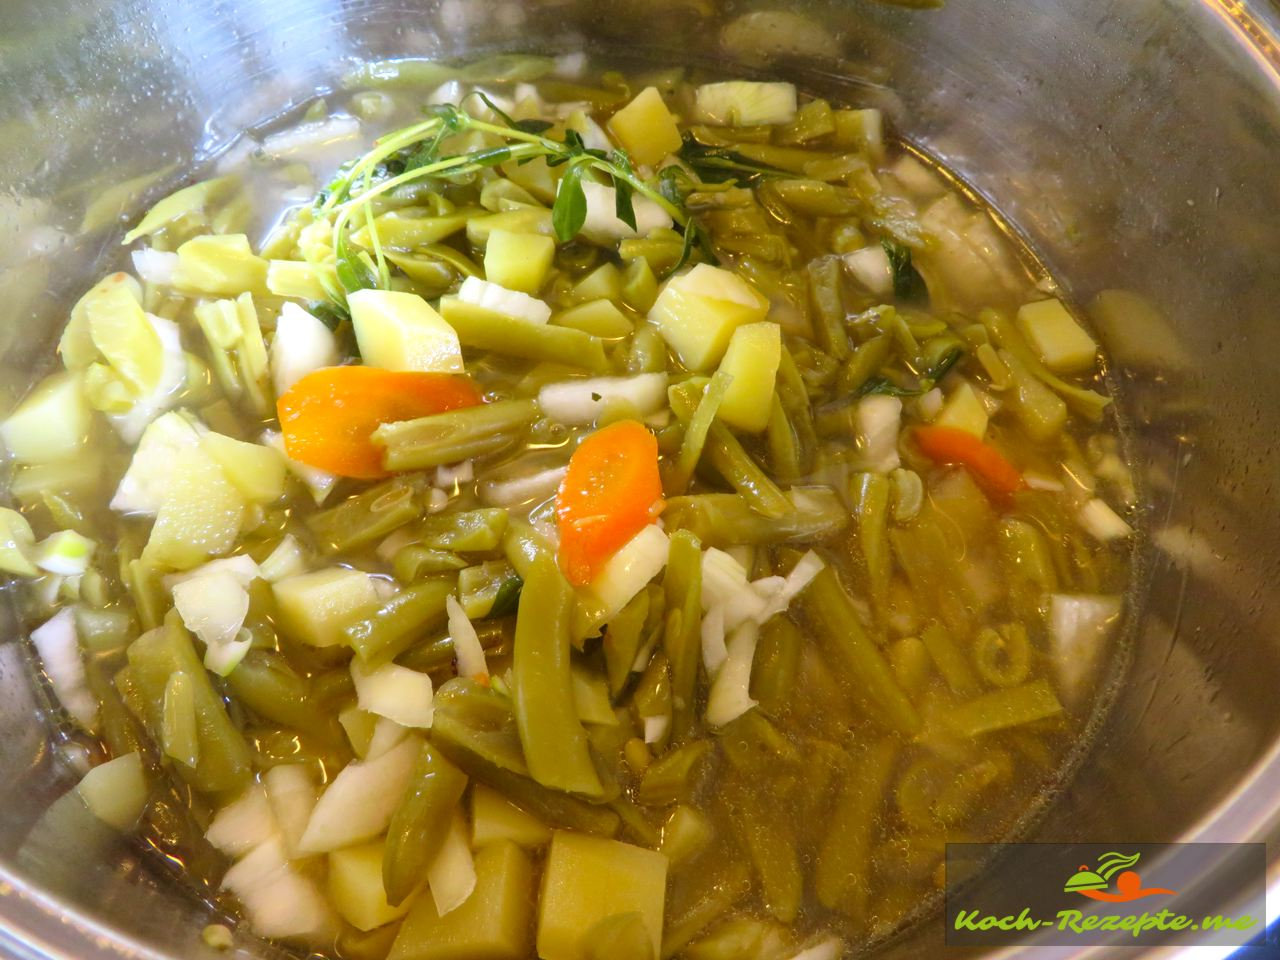 nochmals die Grüne Bohnen-Buttermilch Suppe mit Katenrauch Bauchspeck aufkochen